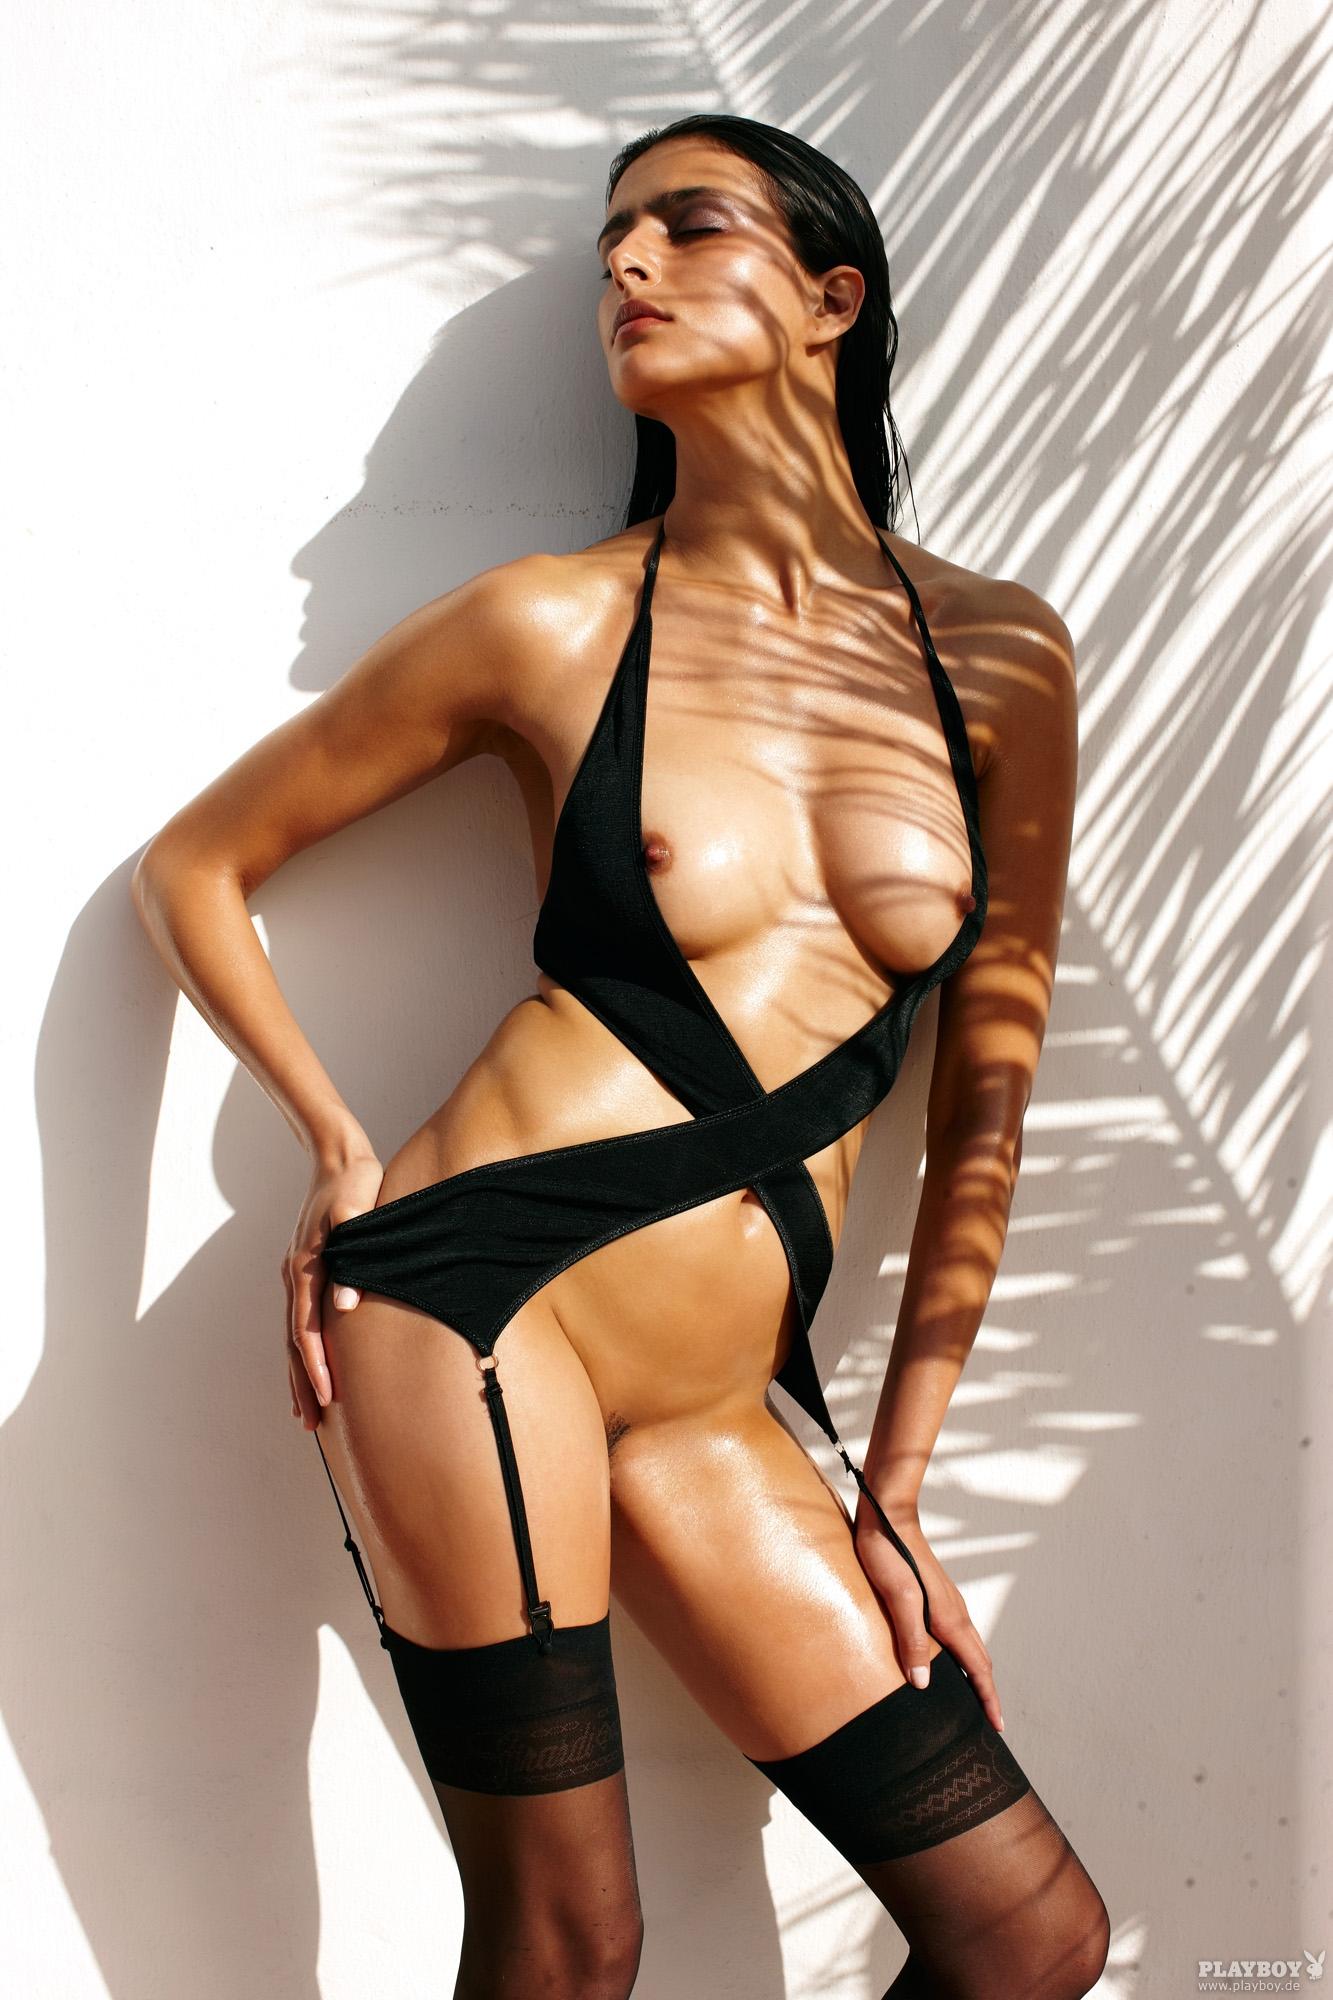 31699_GabrielaMilagre_PlayboyGermany_August20125_123_247lo.jpg